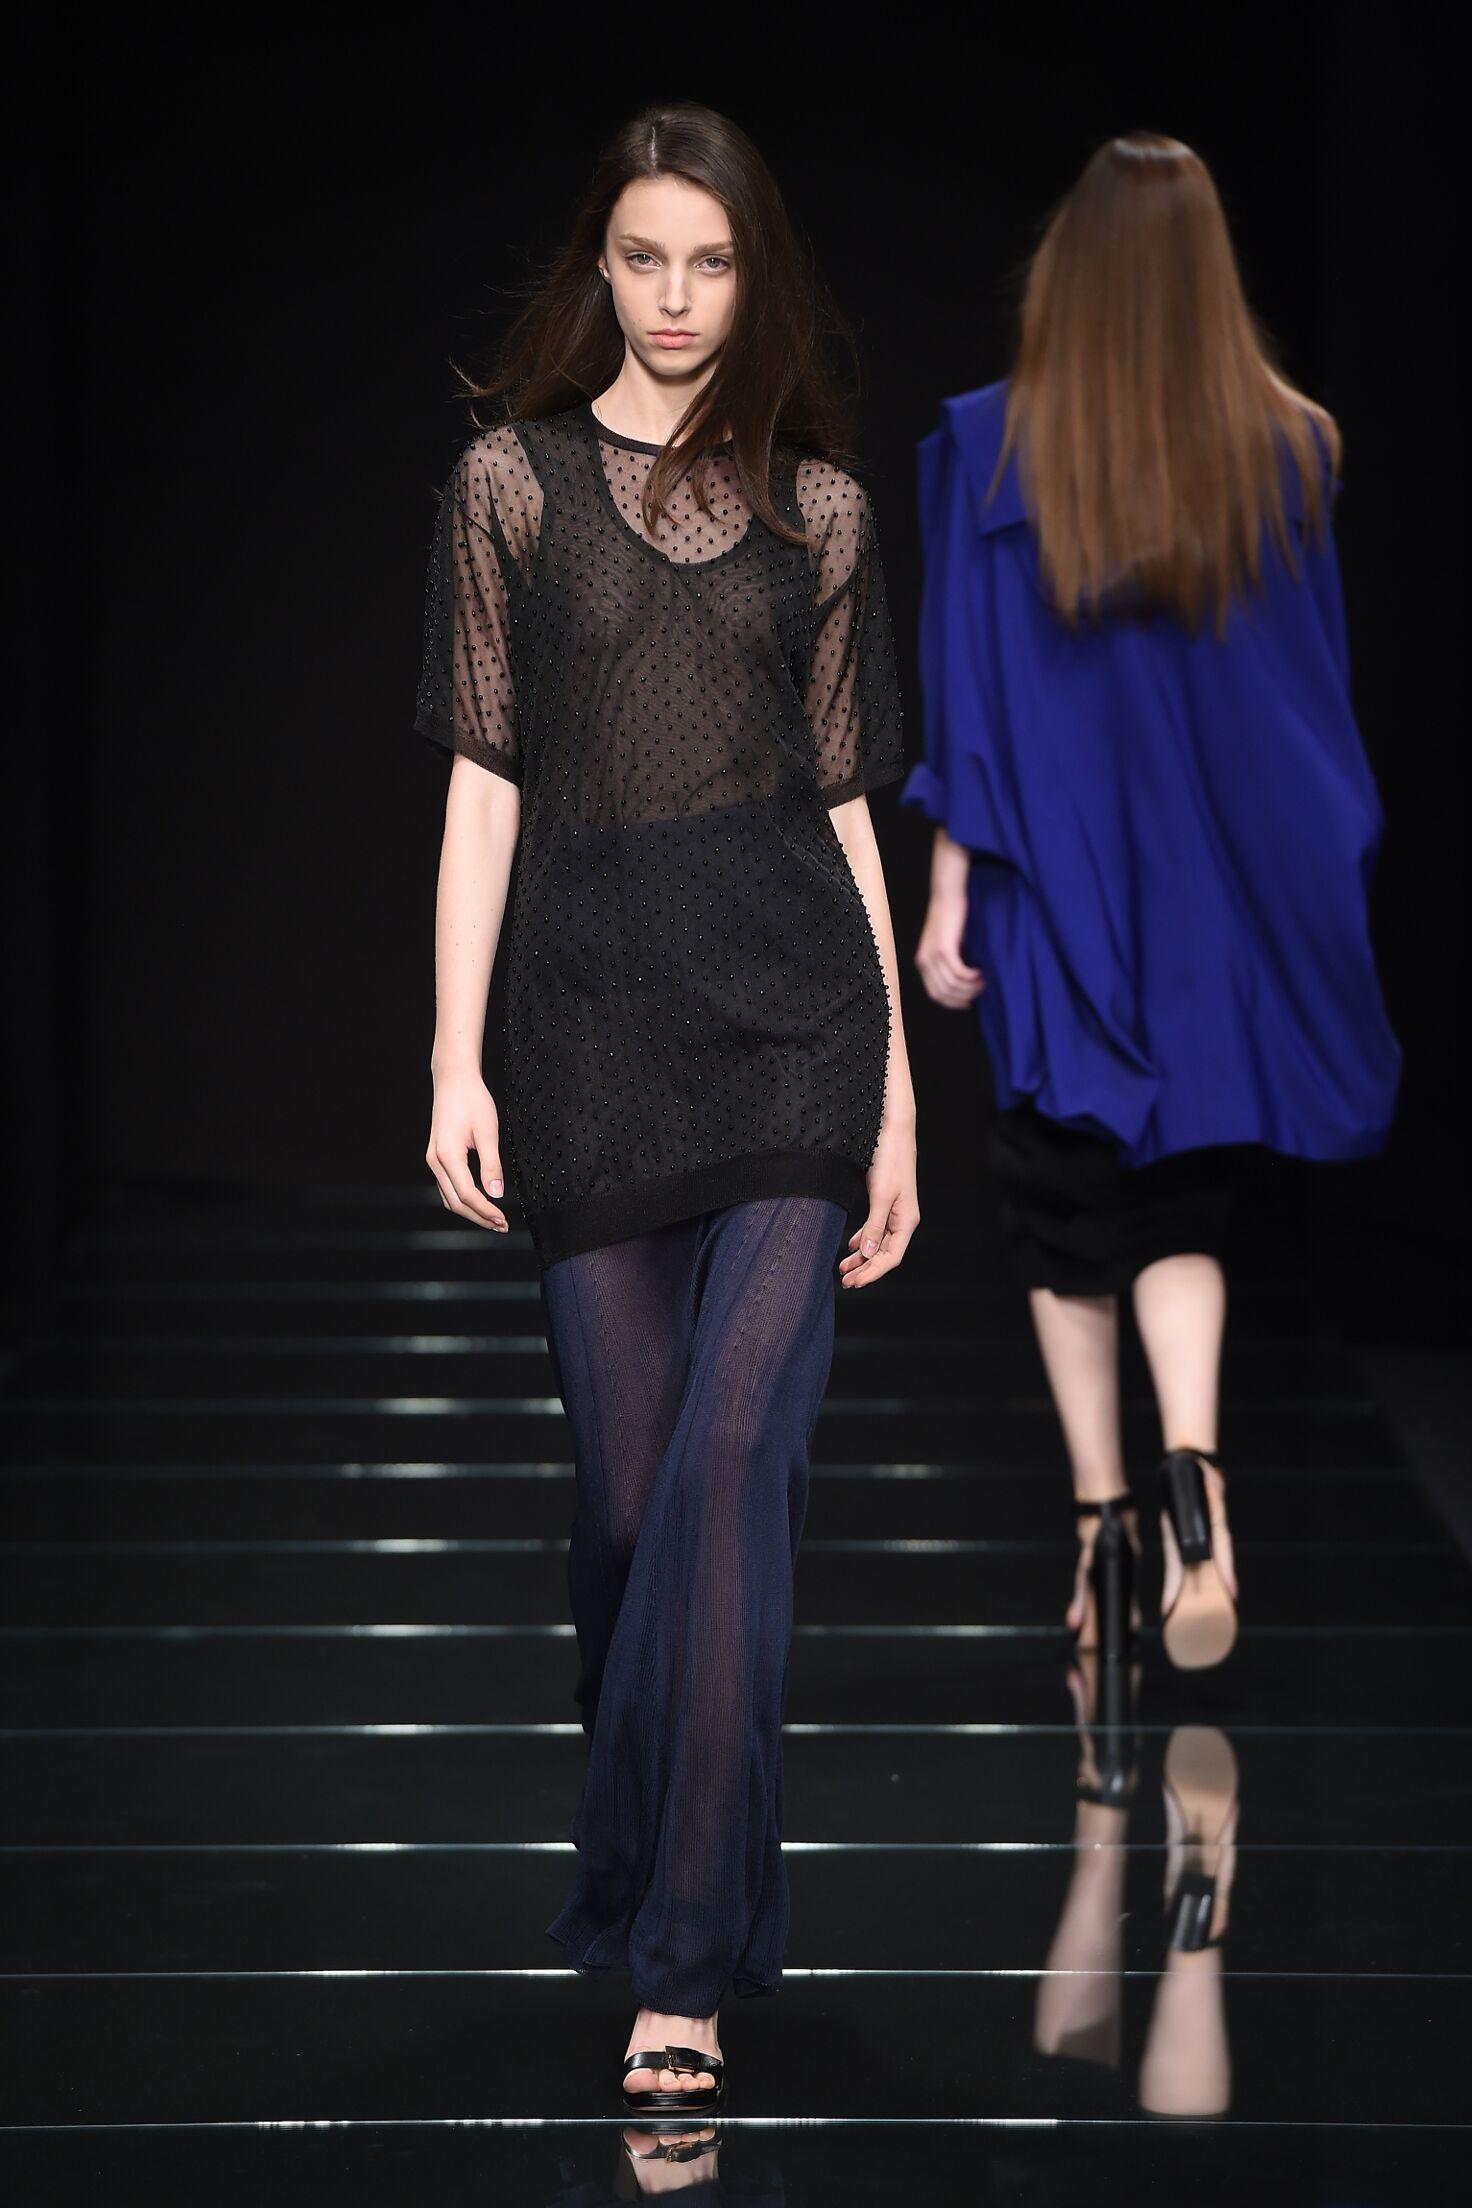 Anteprima Spring Summer 2015 Womens Collection Milan Fashion Week